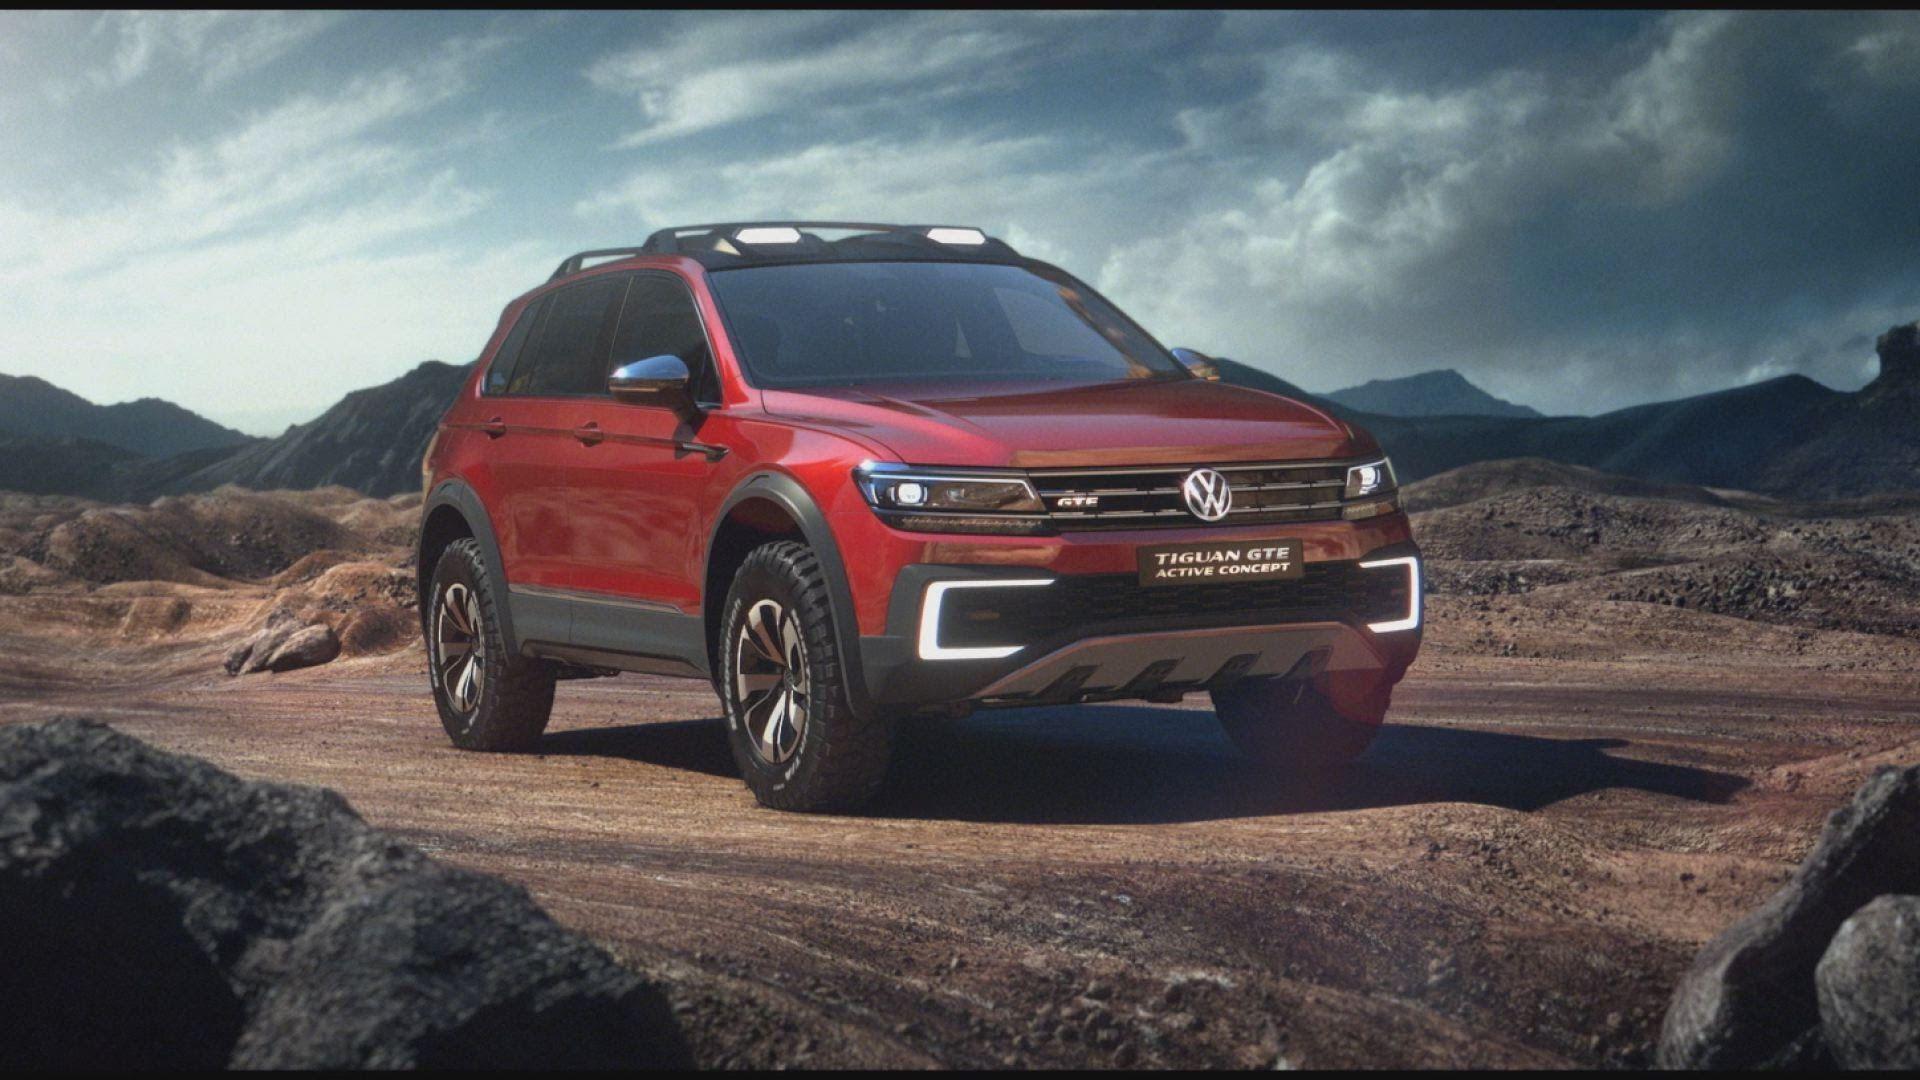 Volkswagen 2017 vw tiguan gte active concept